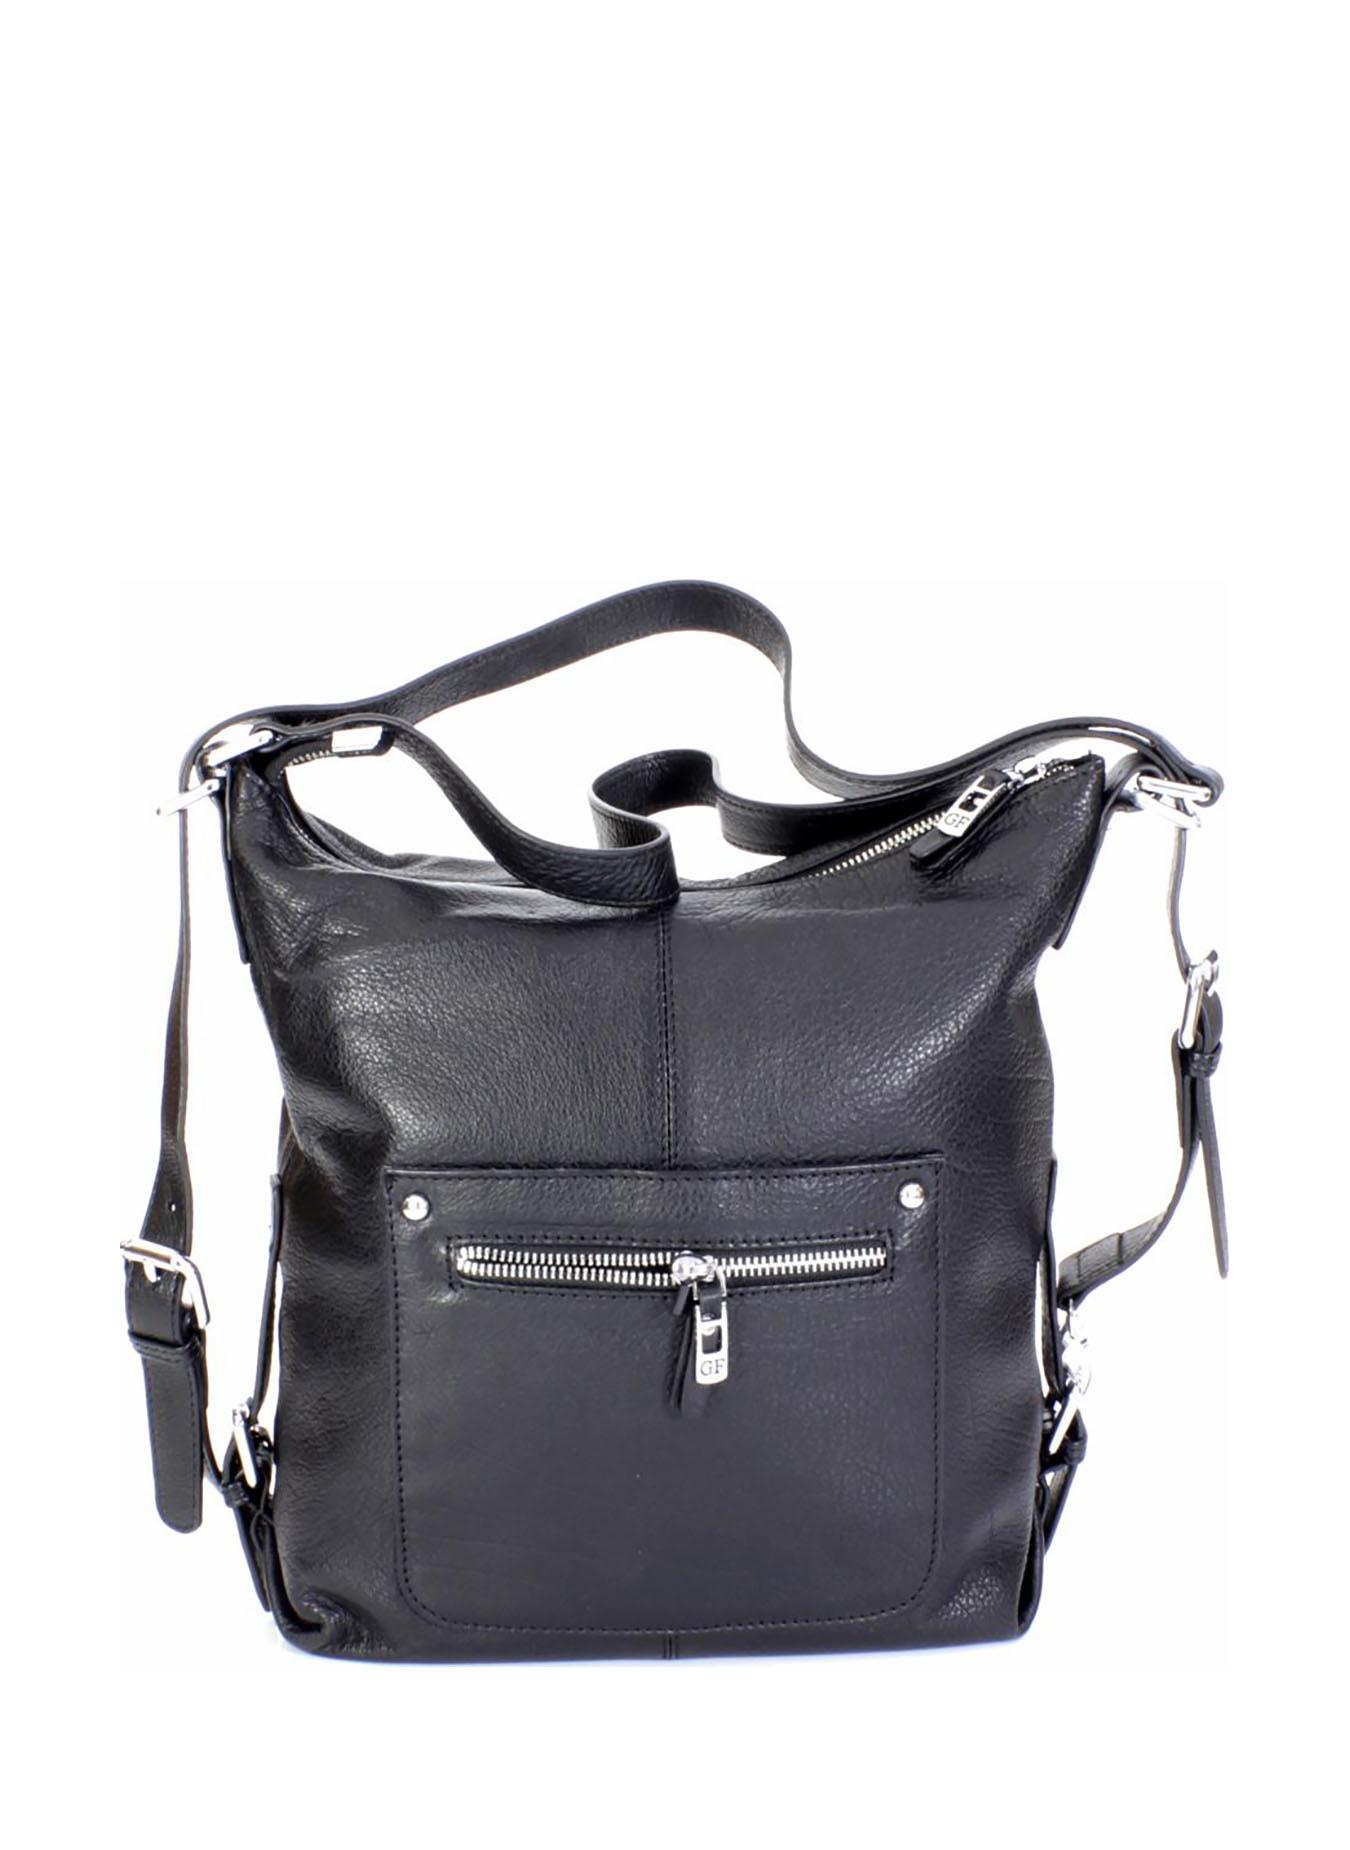 купить Сумка на плечо Giorgio Ferretti 9567-Q11 black GF, черный по цене 8999 рублей